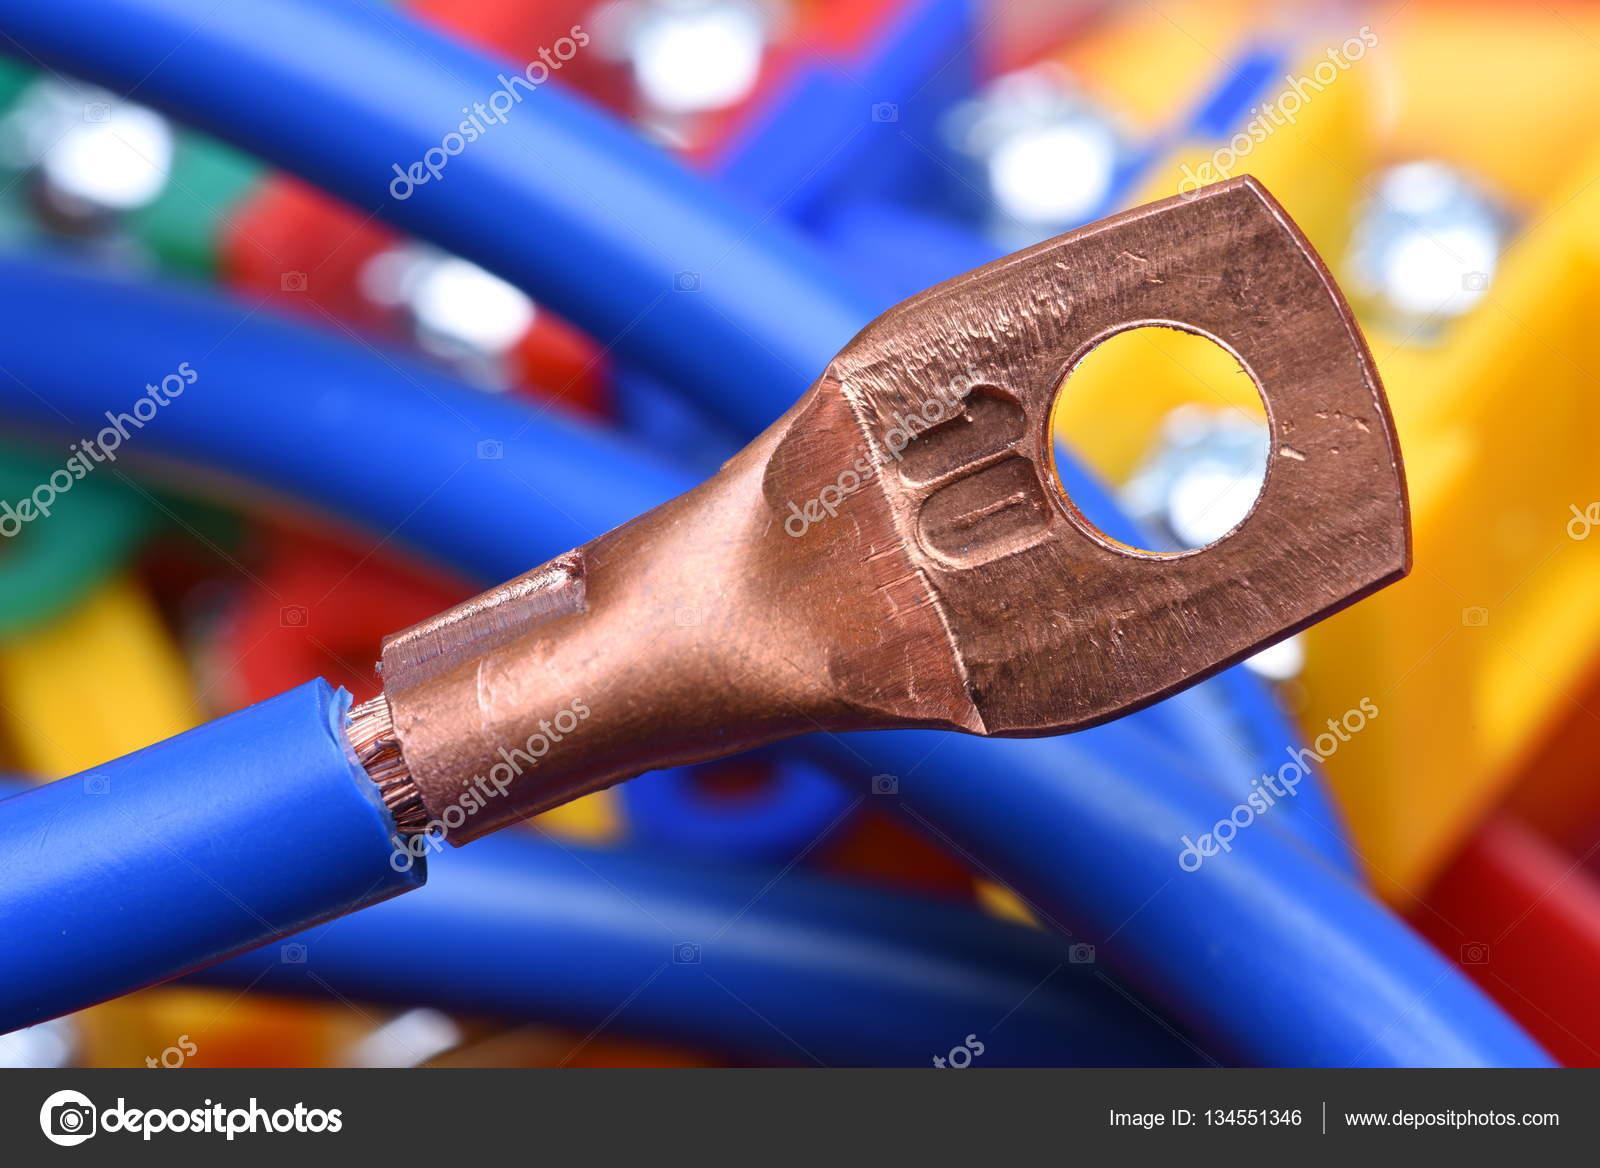 Stromkabel mit Kupfer Kabelschuh — Stockfoto © Zetor2010 #134551346